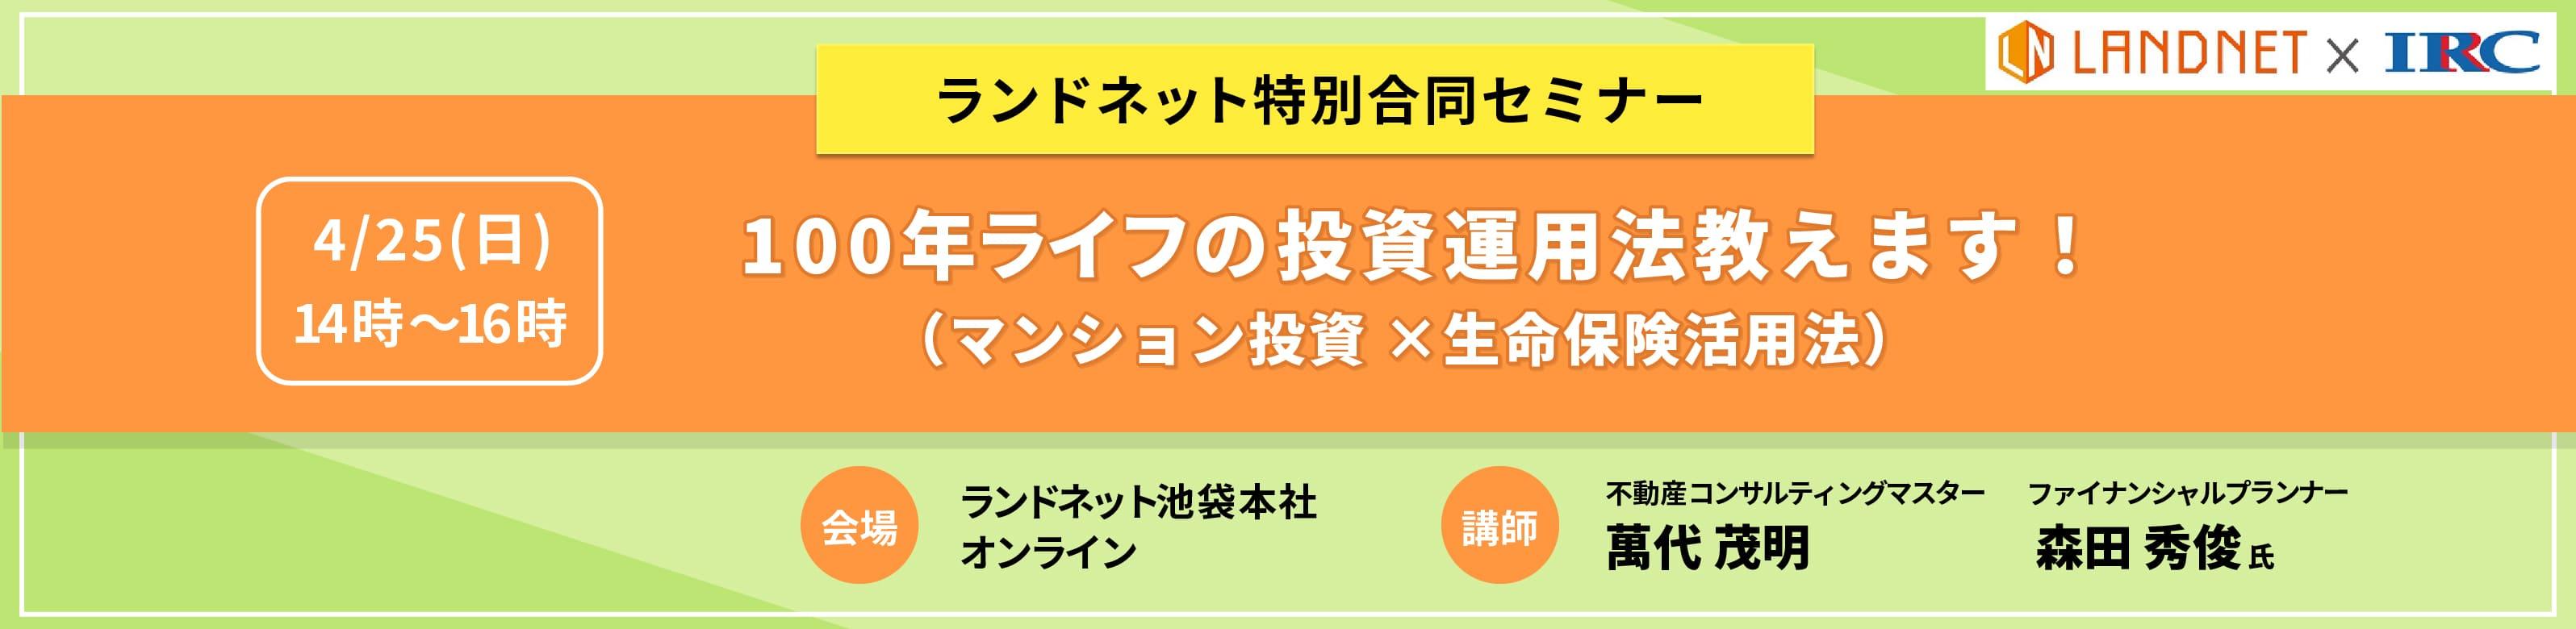 4月25日(日)【特別合同セミナー】100年ライフの投資運用法教えます!(マンション投資×生命保険活用法)開催決定開催決定